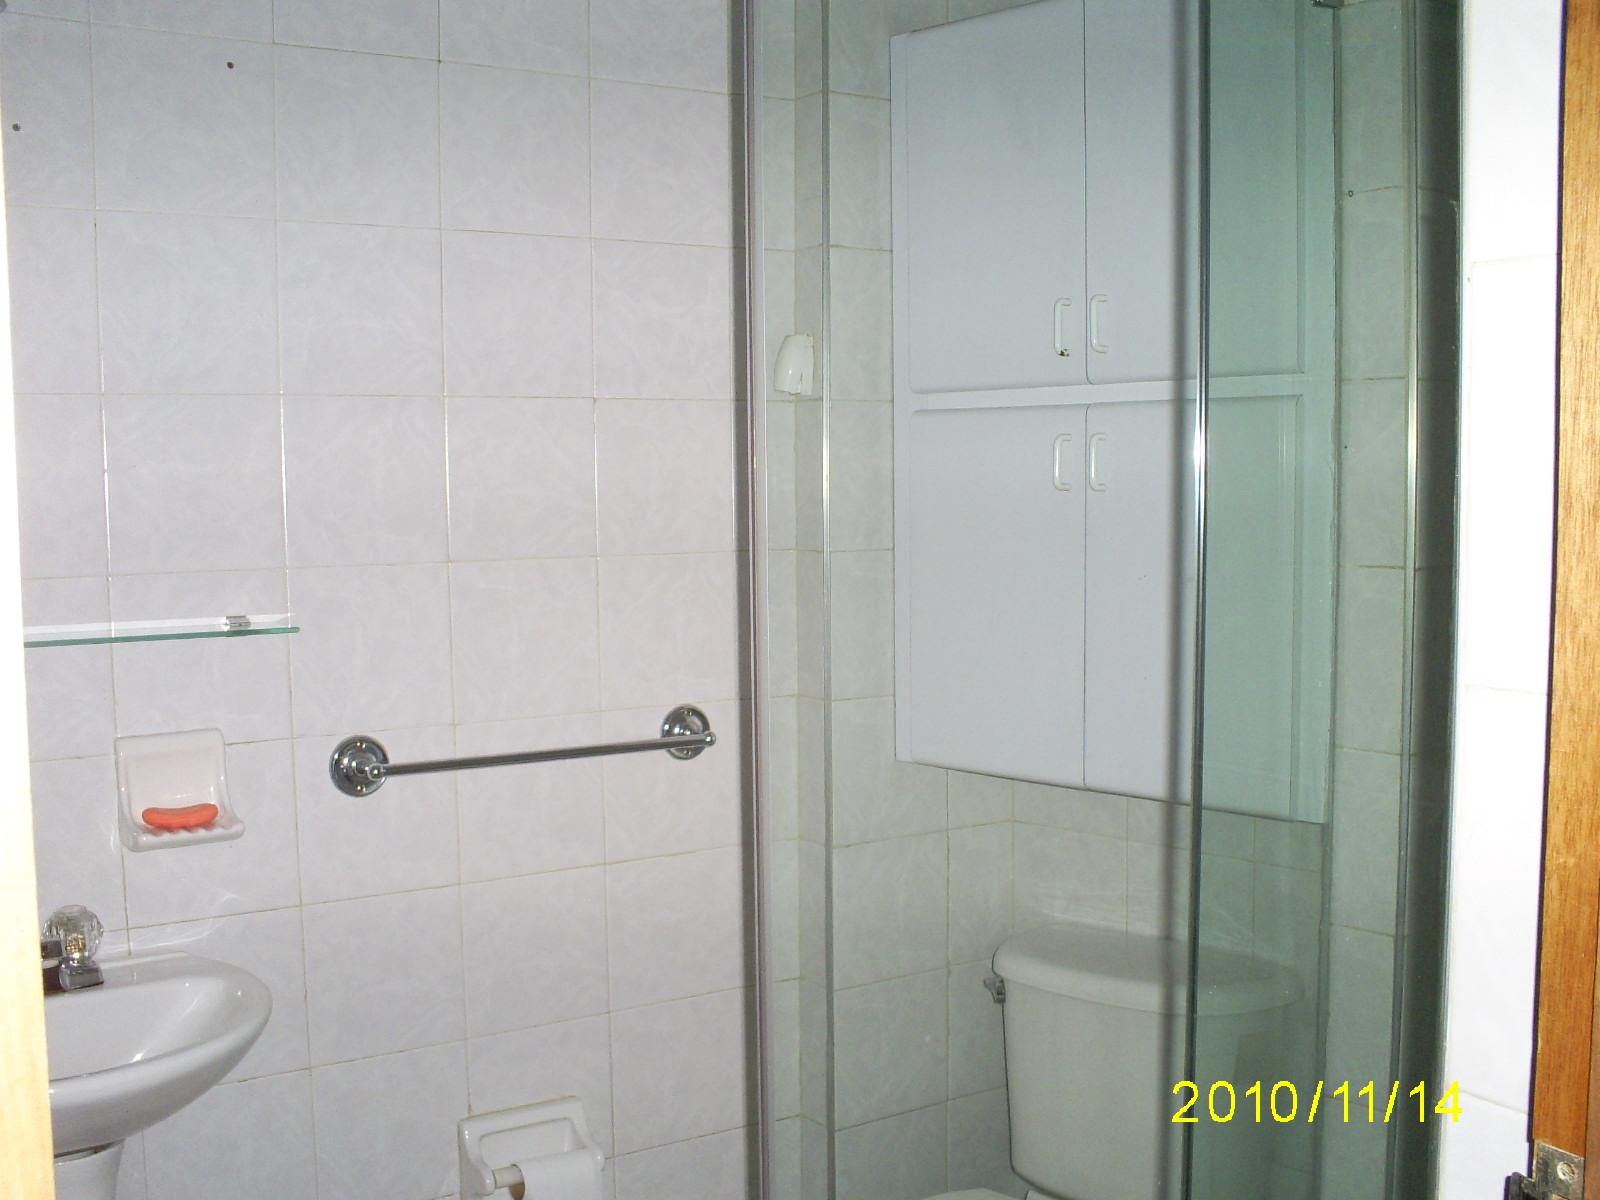 Cortinas De Baño En Vidrio Templado:INMOBILIARIA CB: Baños con gabinetes y división vidrio templado